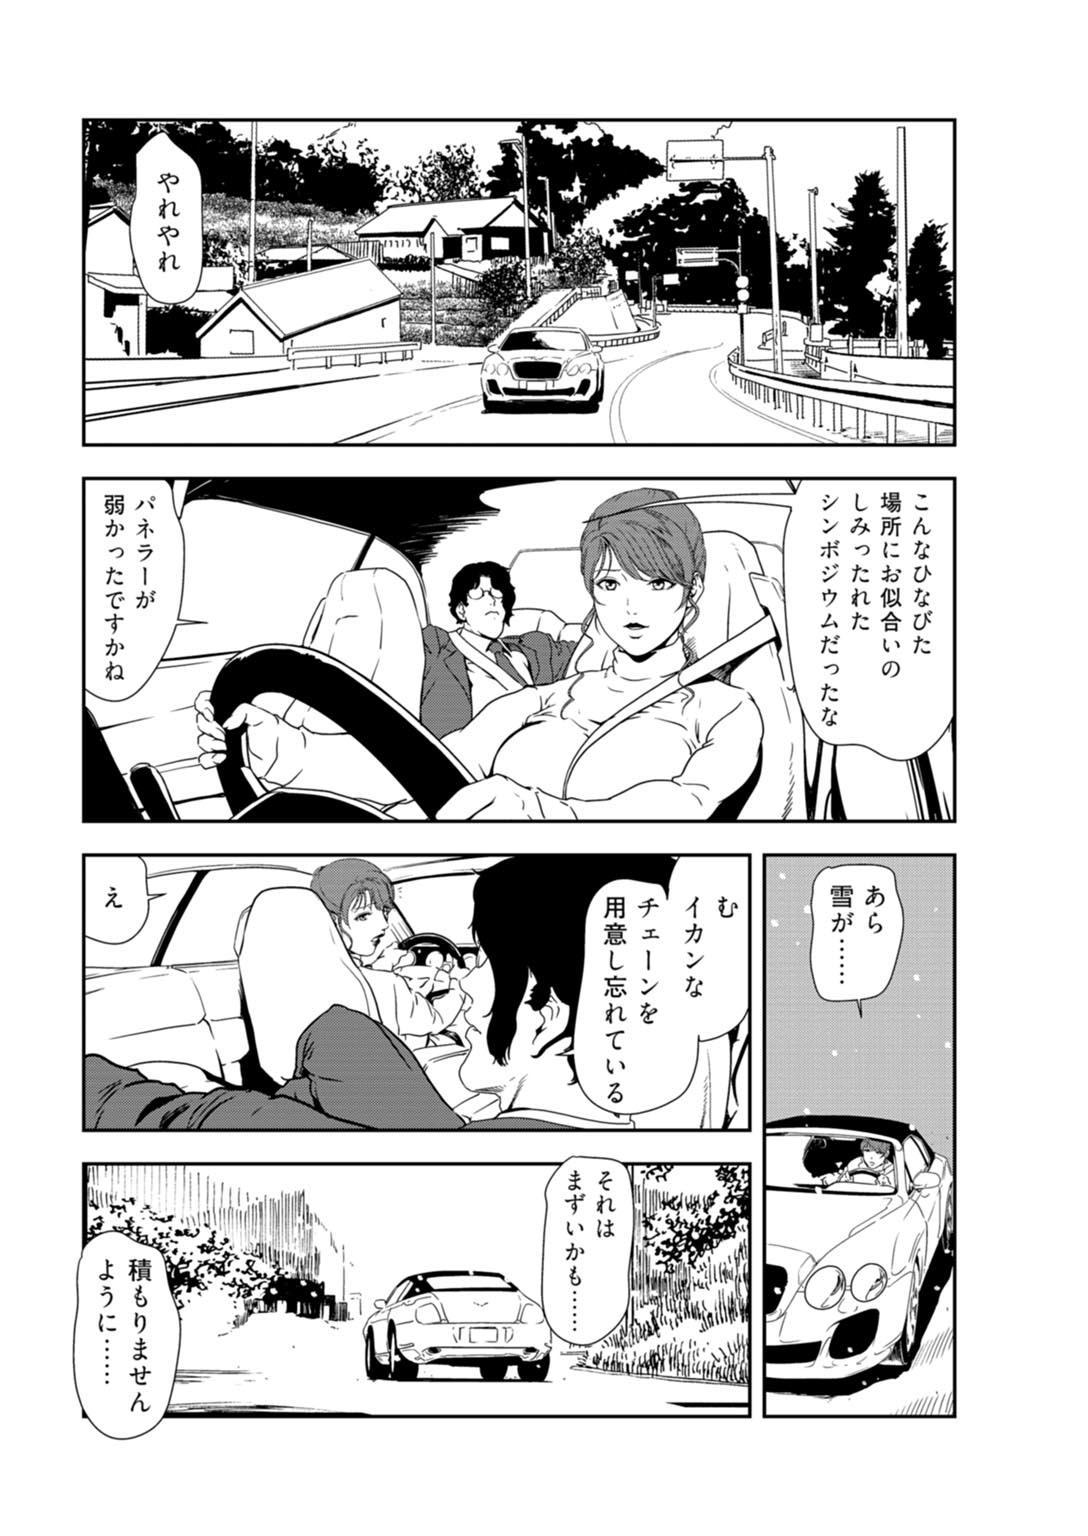 Nikuhisyo Yukiko 33 2